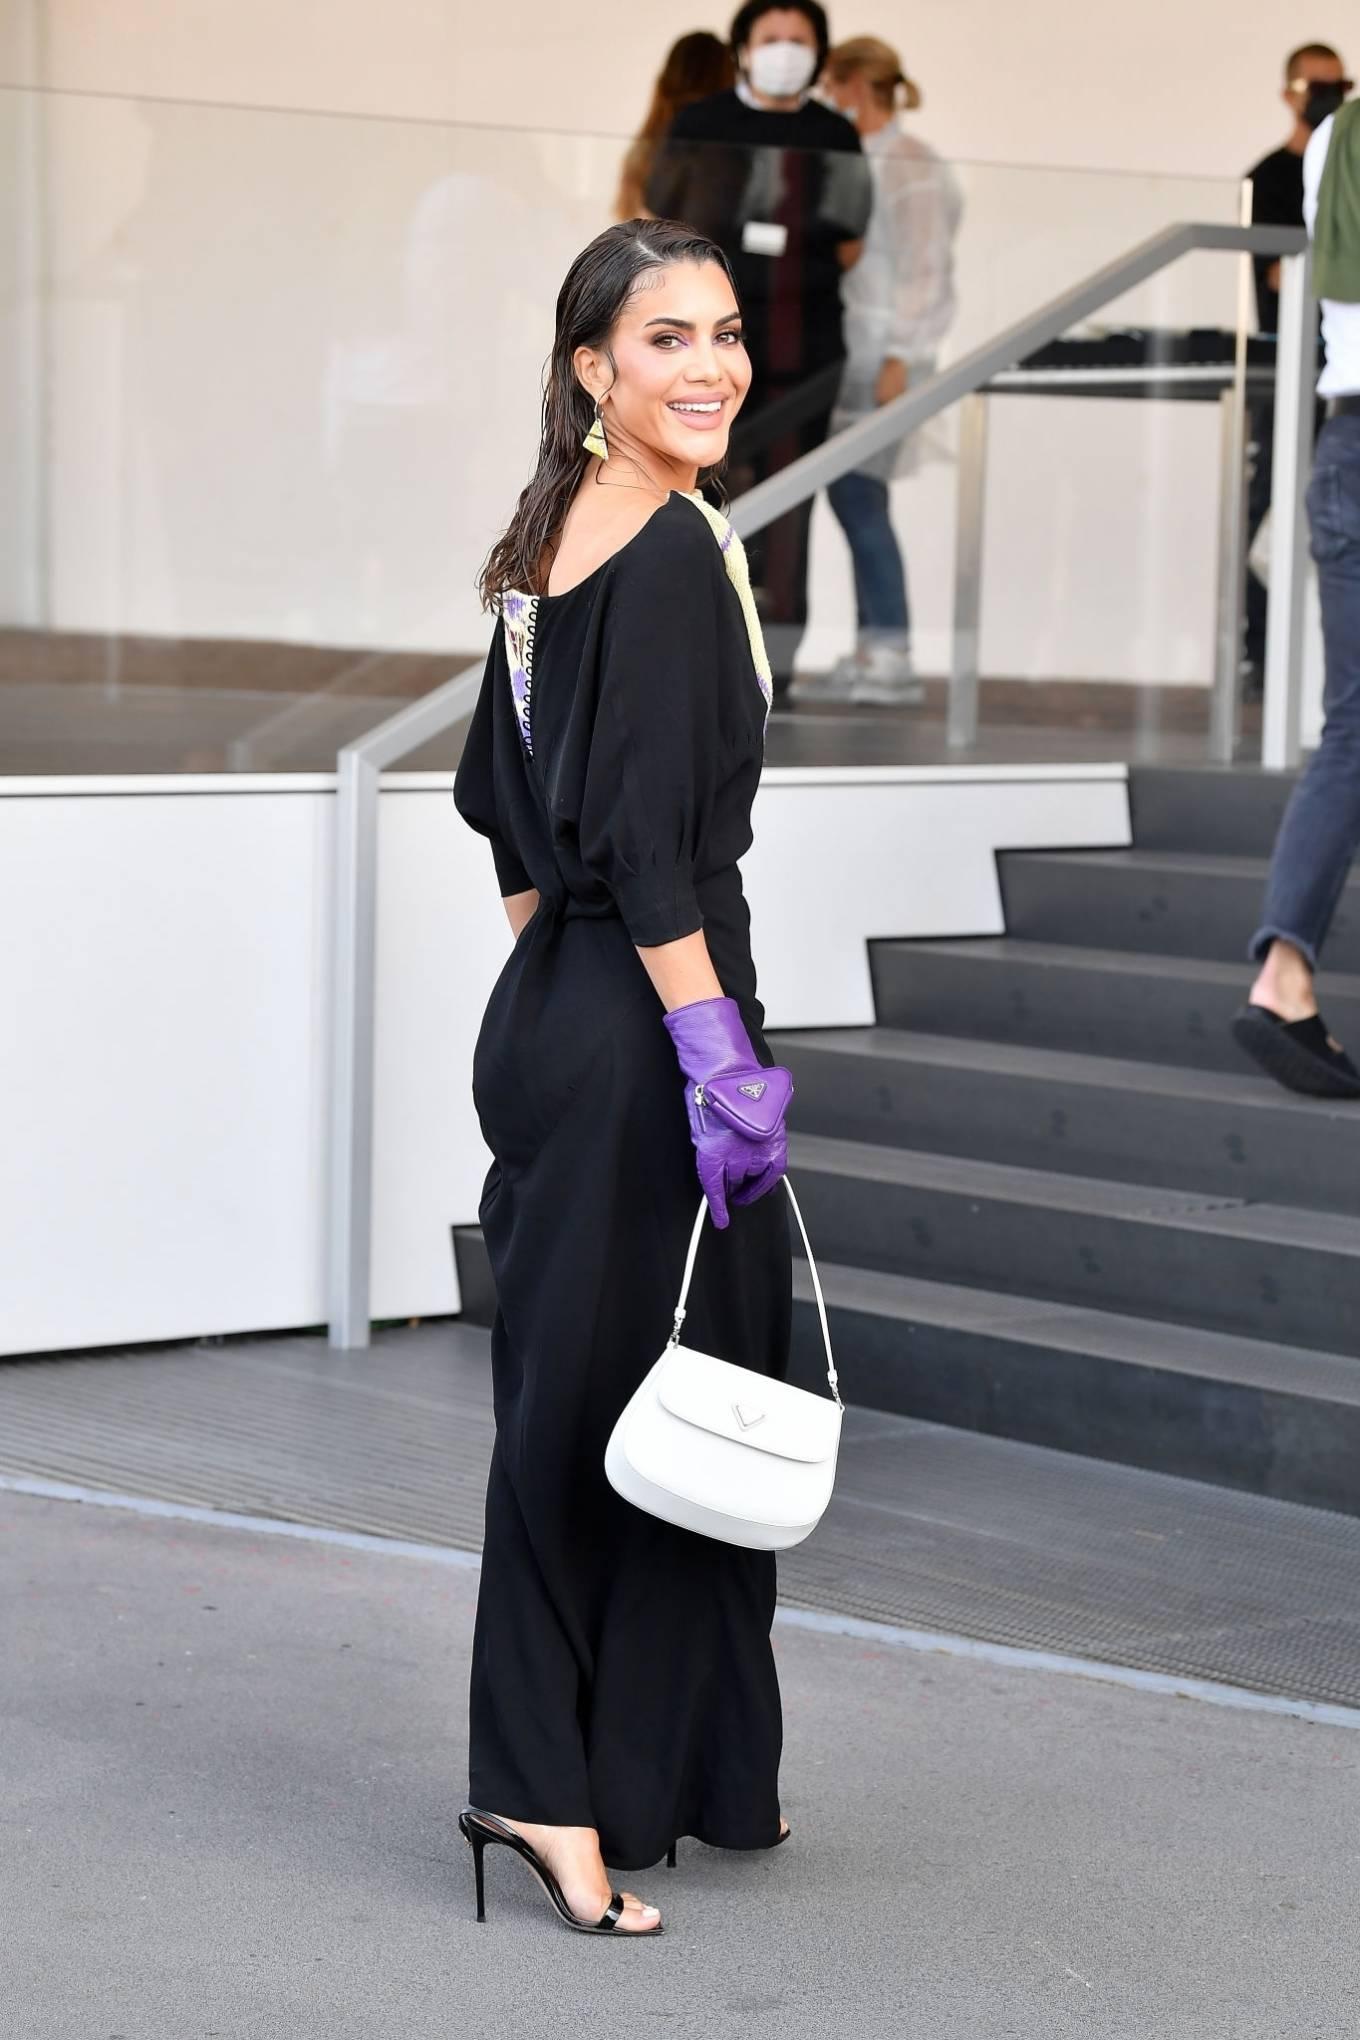 Camila Coelho - Posing during the Milan Fashion Week Spring - Summer 2022 in Milan